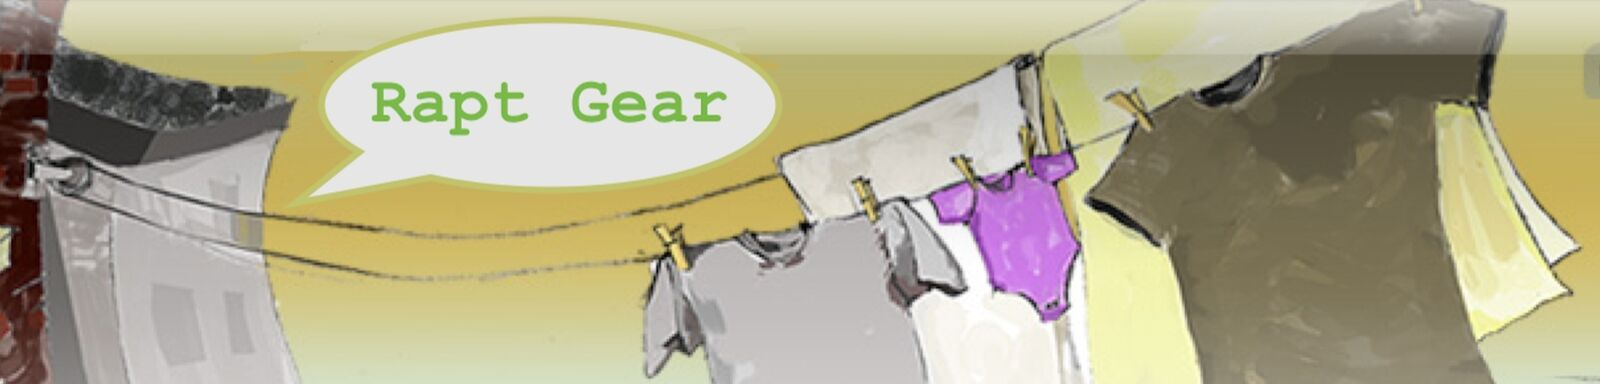 Rapt Gear